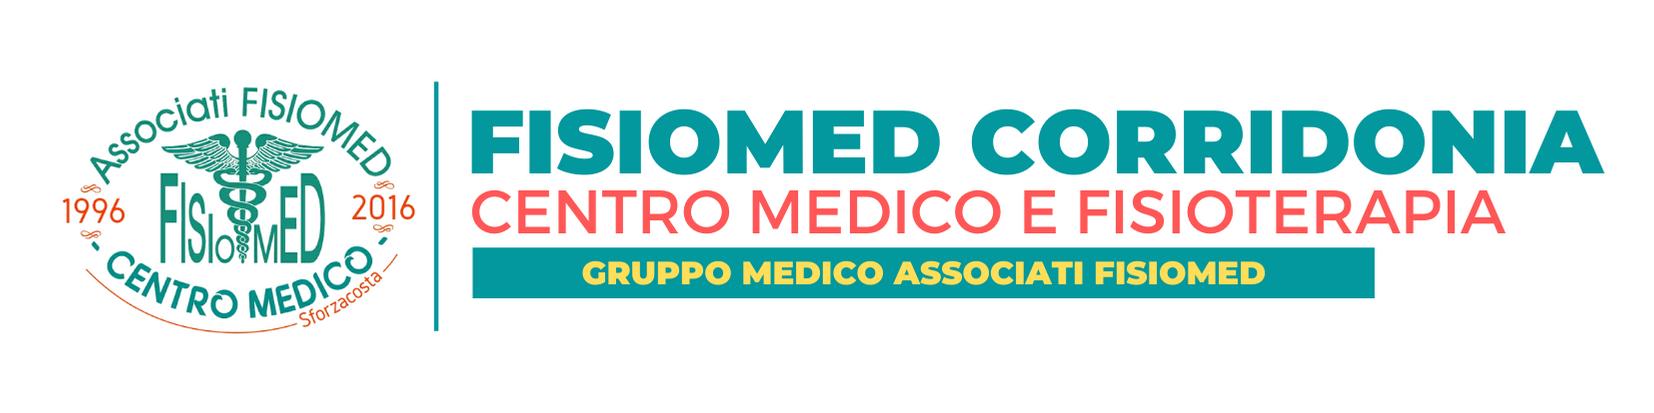 Centro Medico Marche